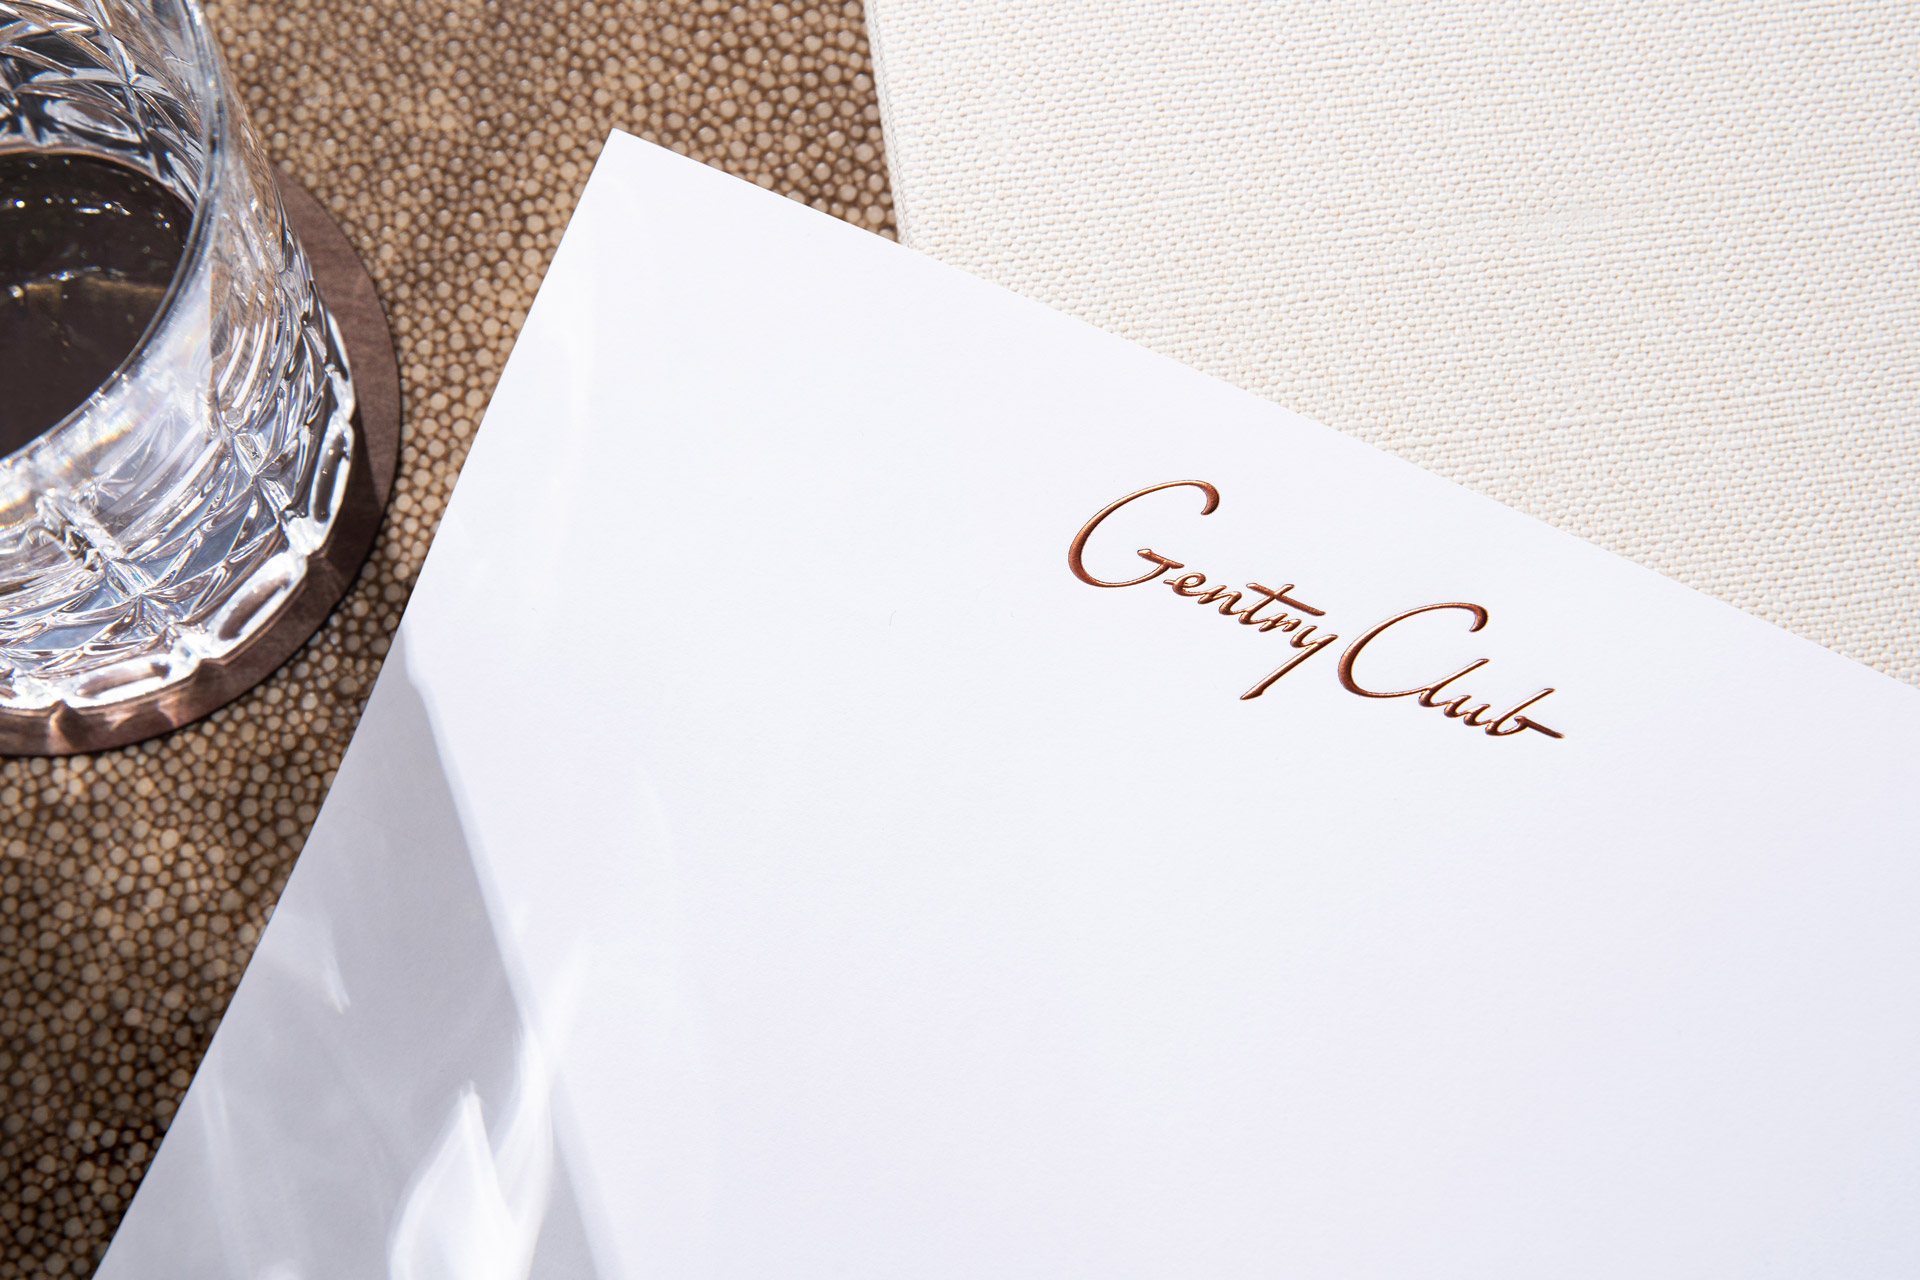 gentry-club_14